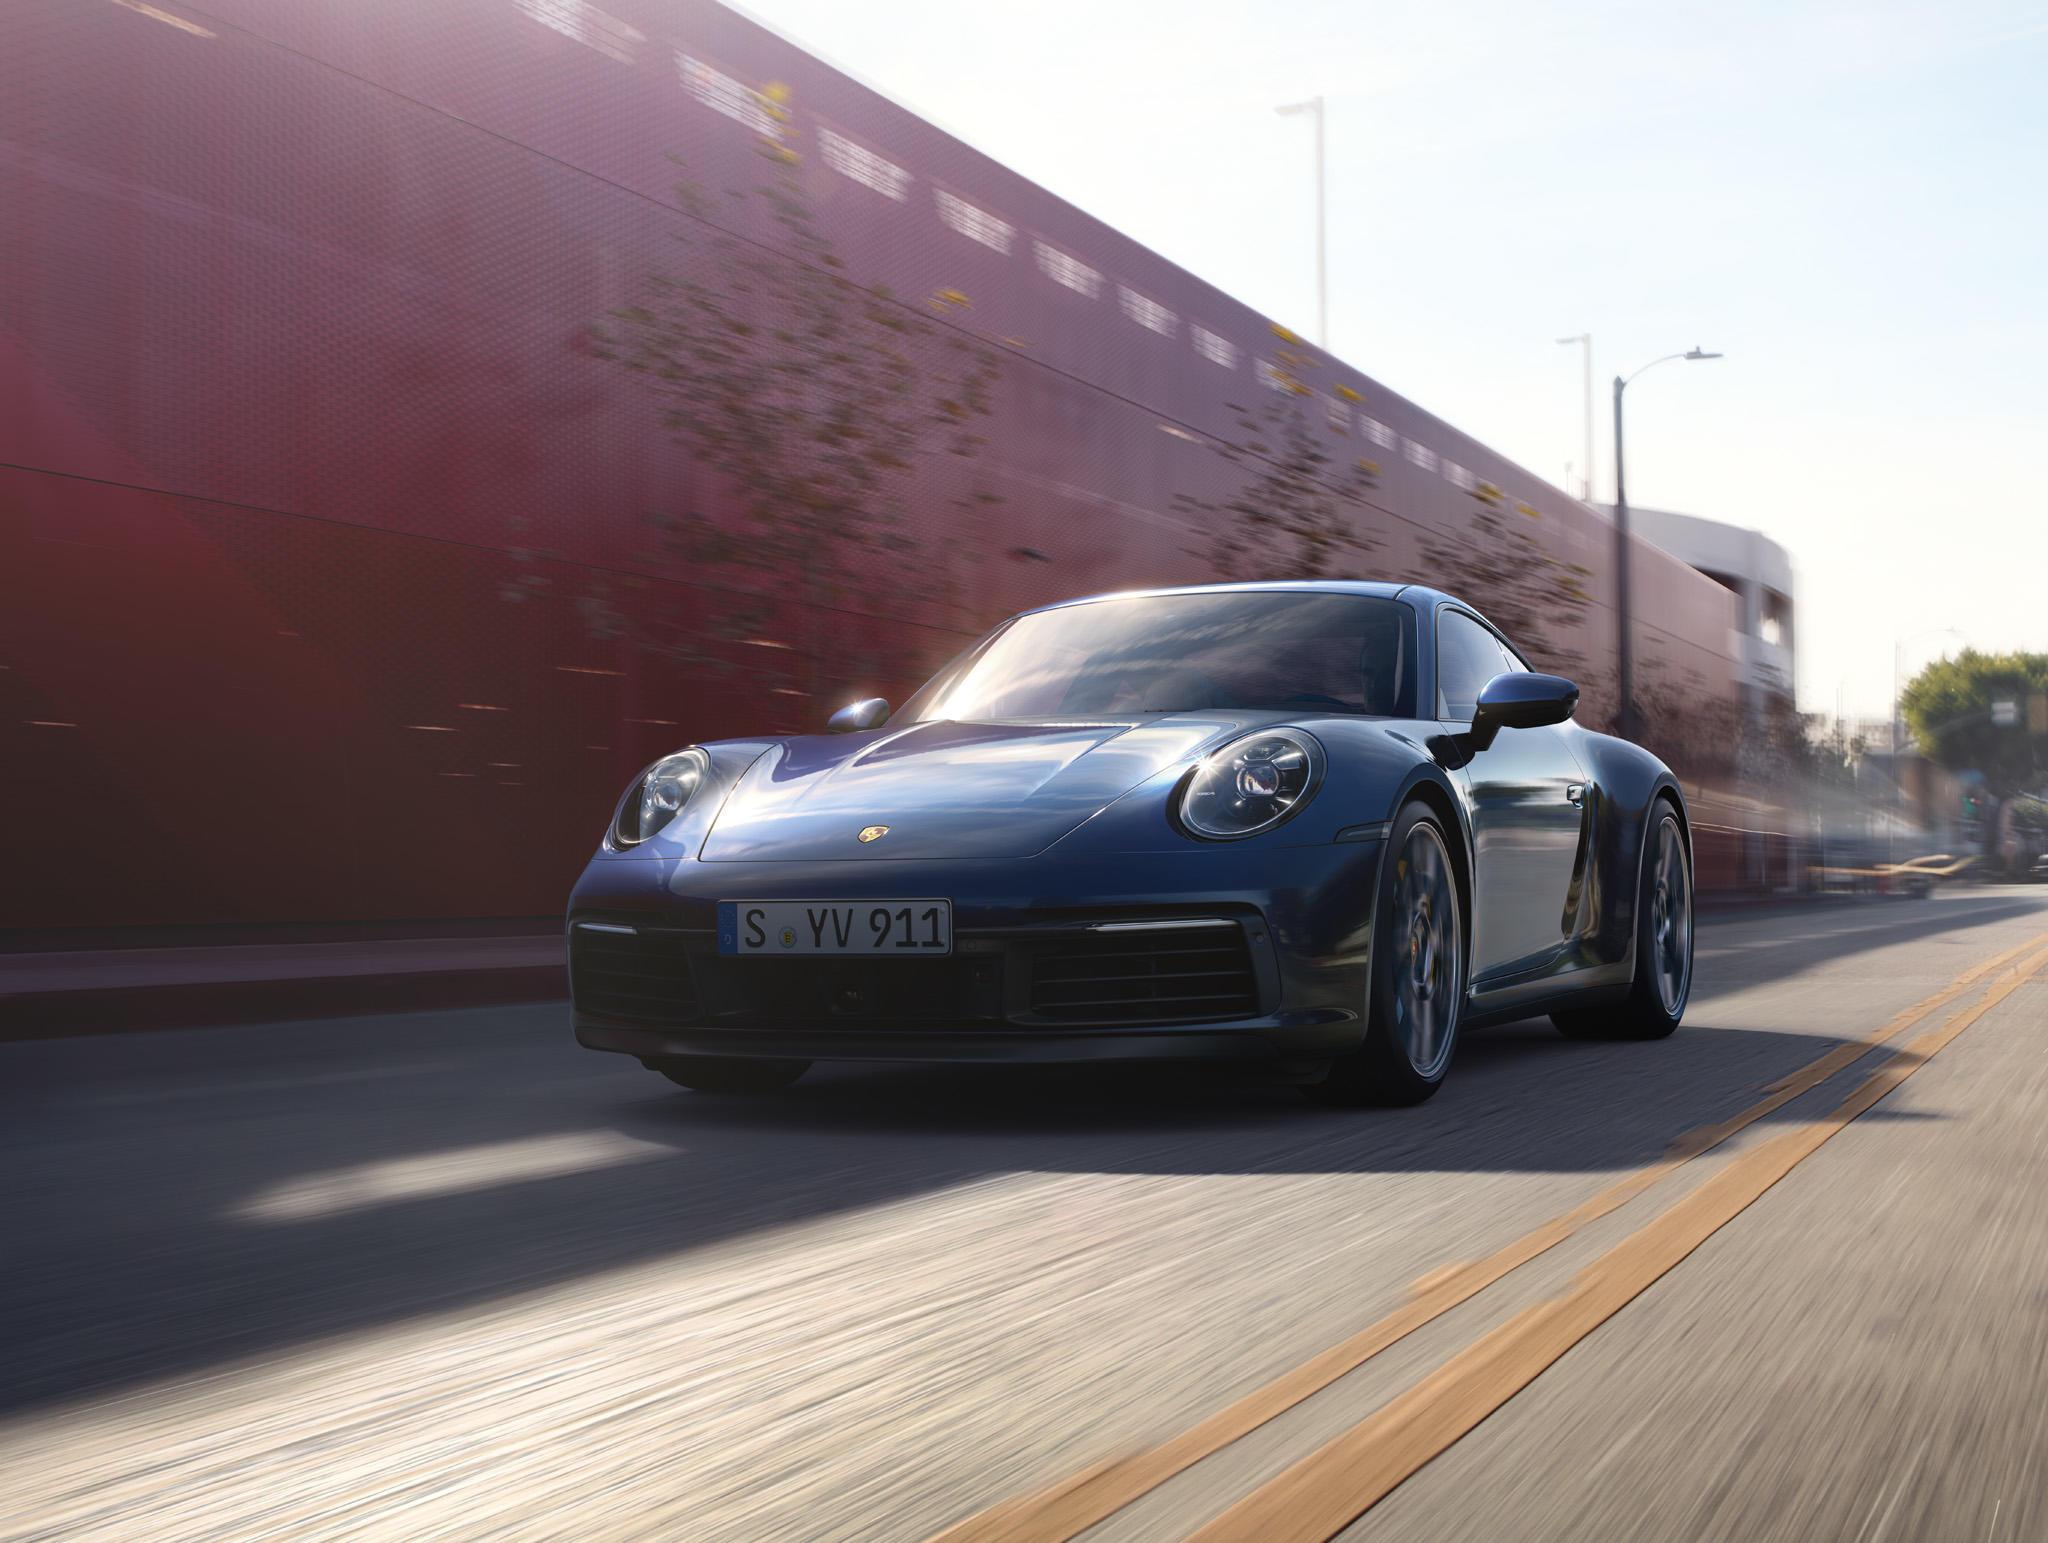 Bild der Porsche Zentrum Regensburg